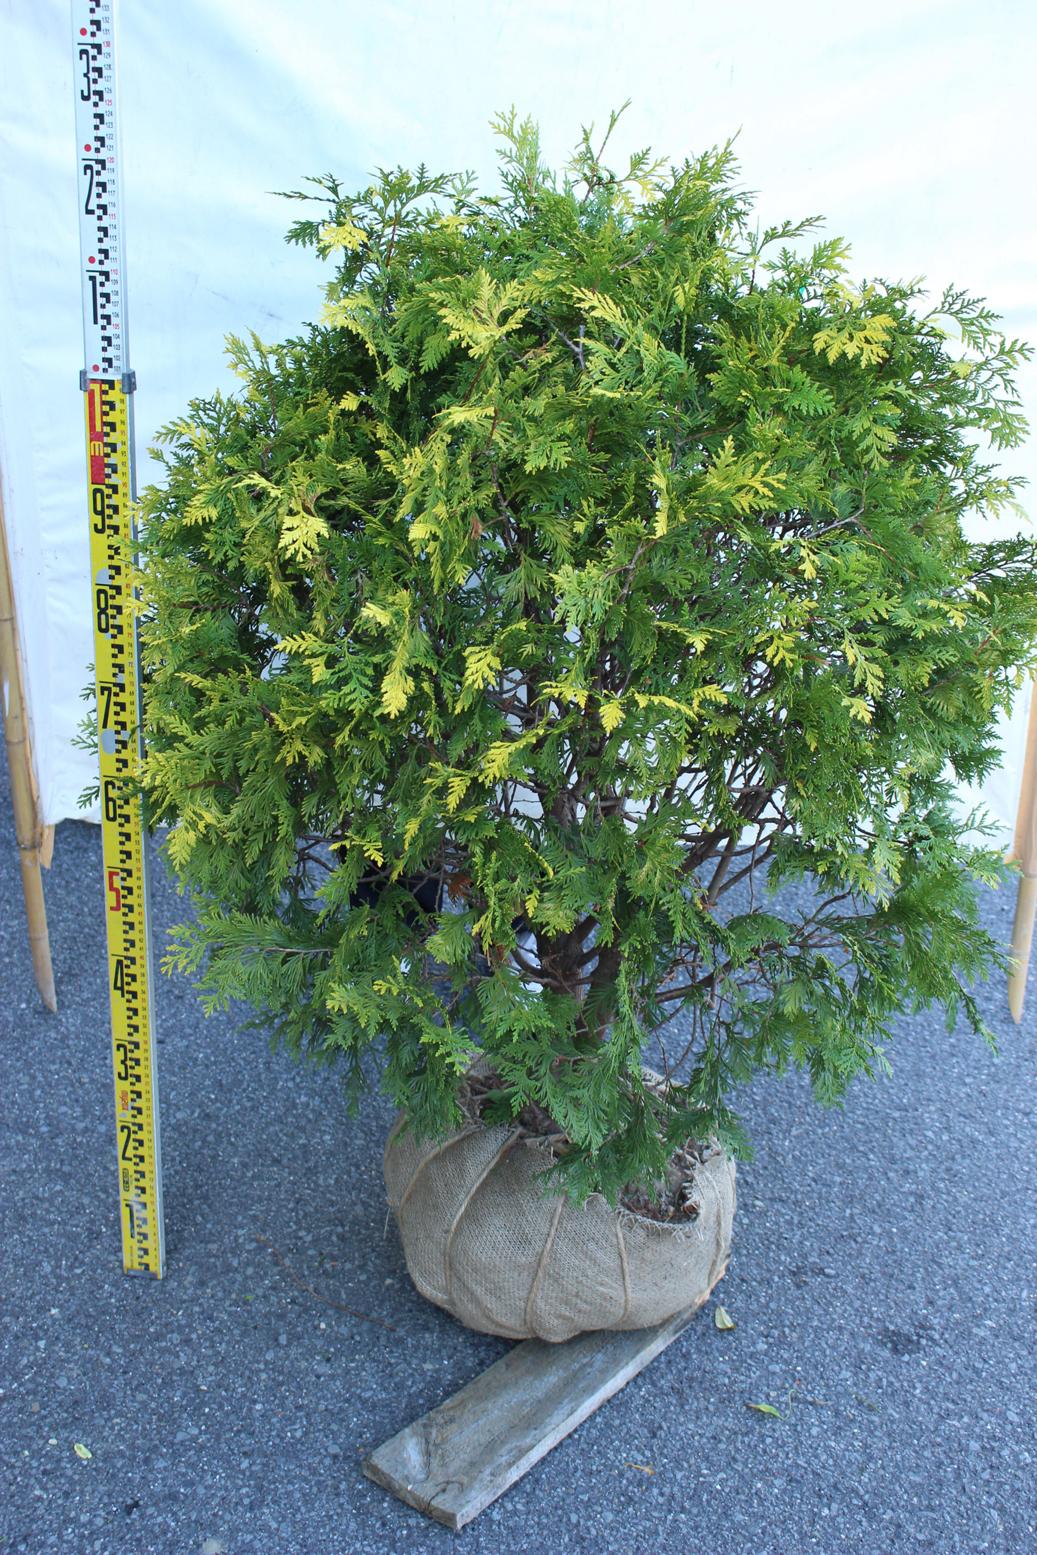 【植木市-122】 ヨーロッパゴールド 玉仕立て 高さ約 0.8m 幅約 0.8m